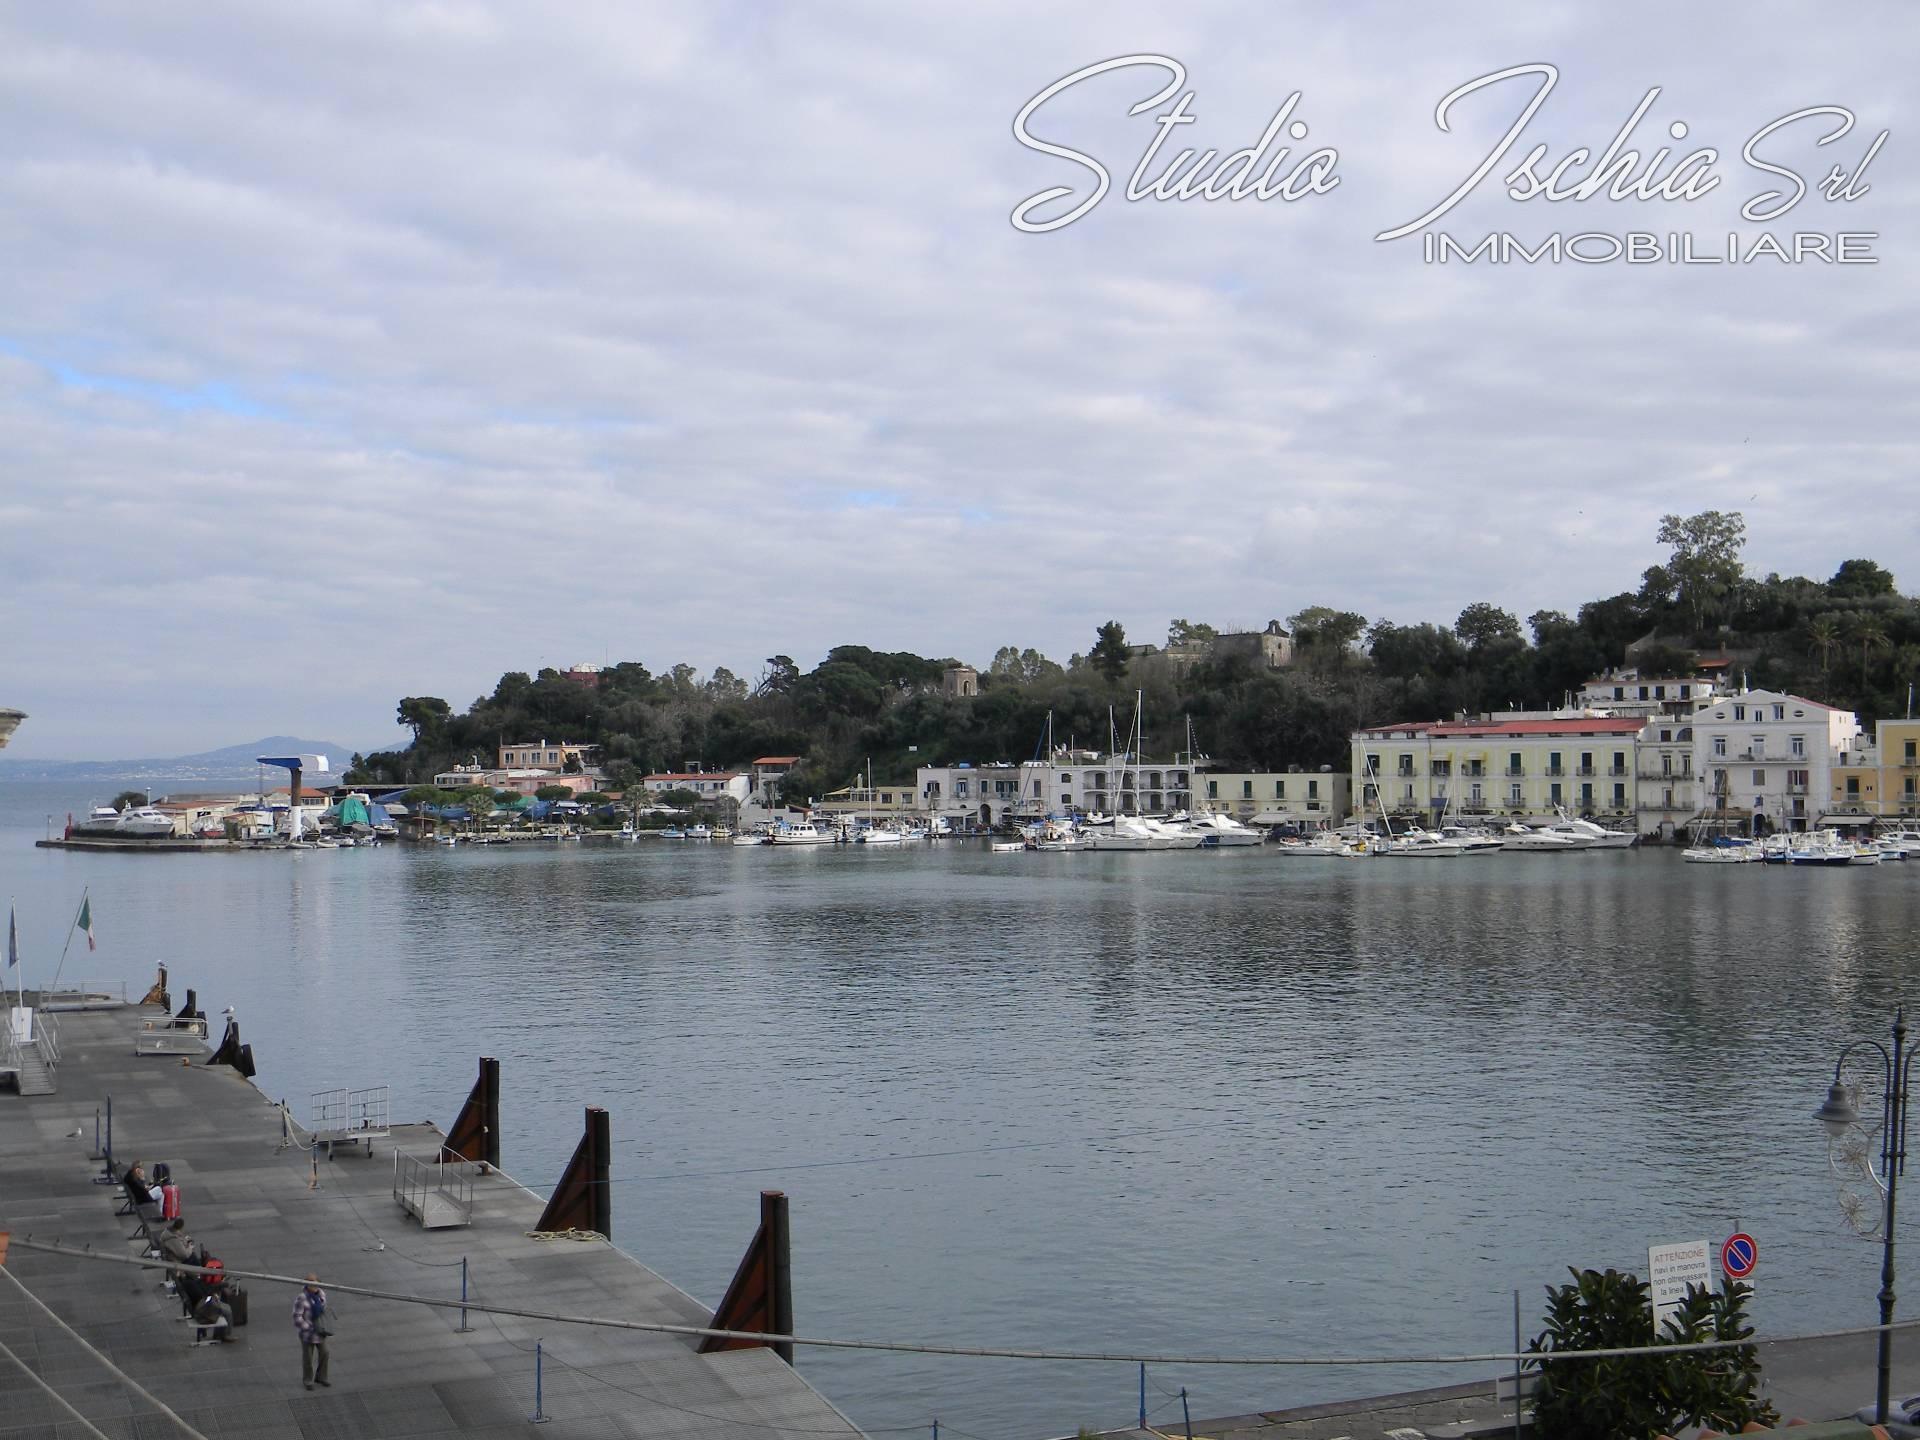 Appartamento in vendita a Ischia, 5 locali, zona Località: IschiaPorto, prezzo € 390.000 | CambioCasa.it